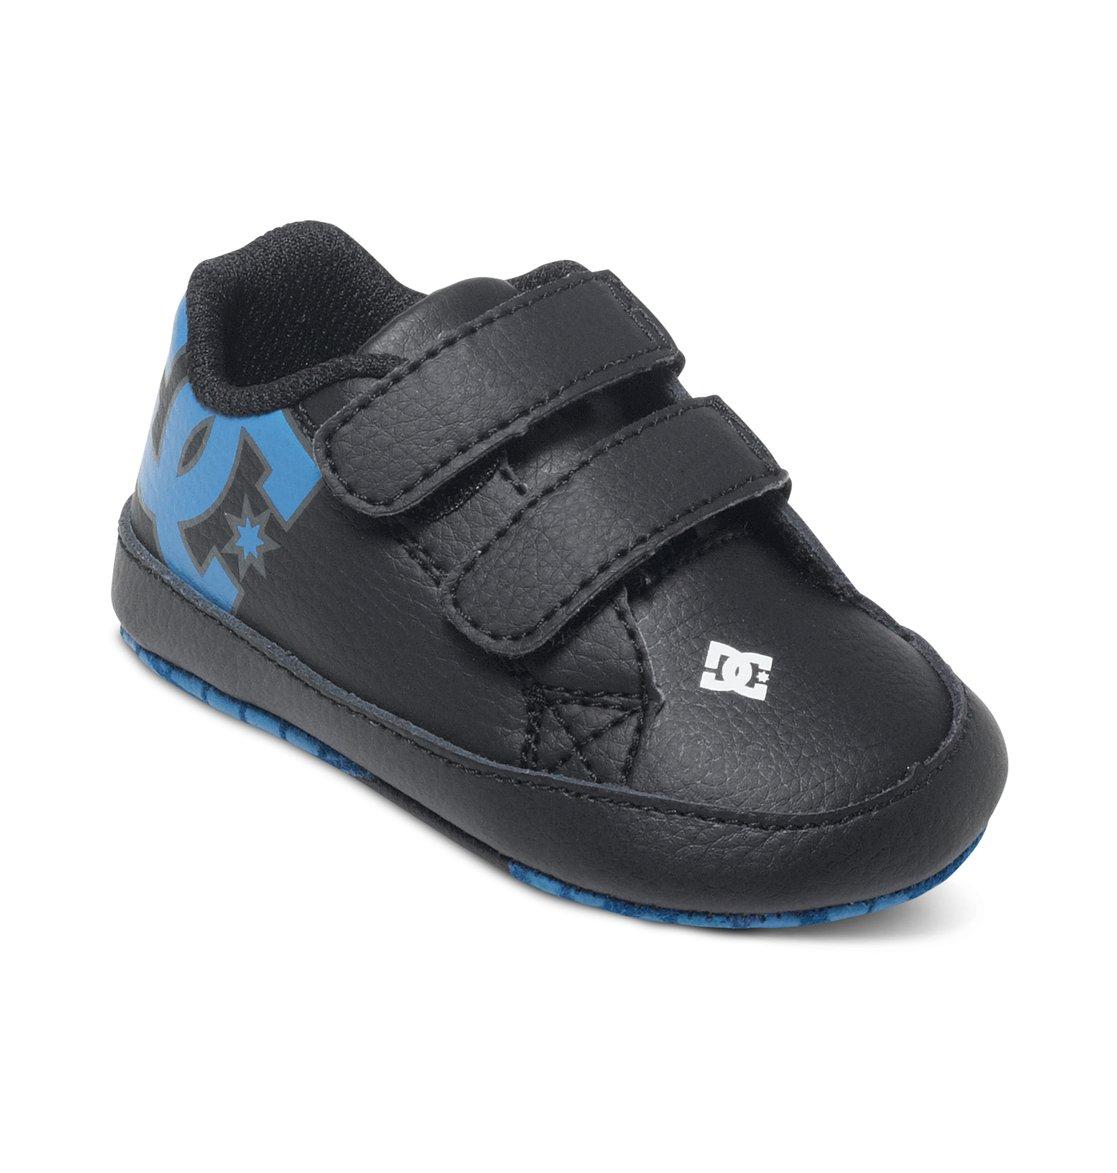 Shoes Court Graffik Low Top